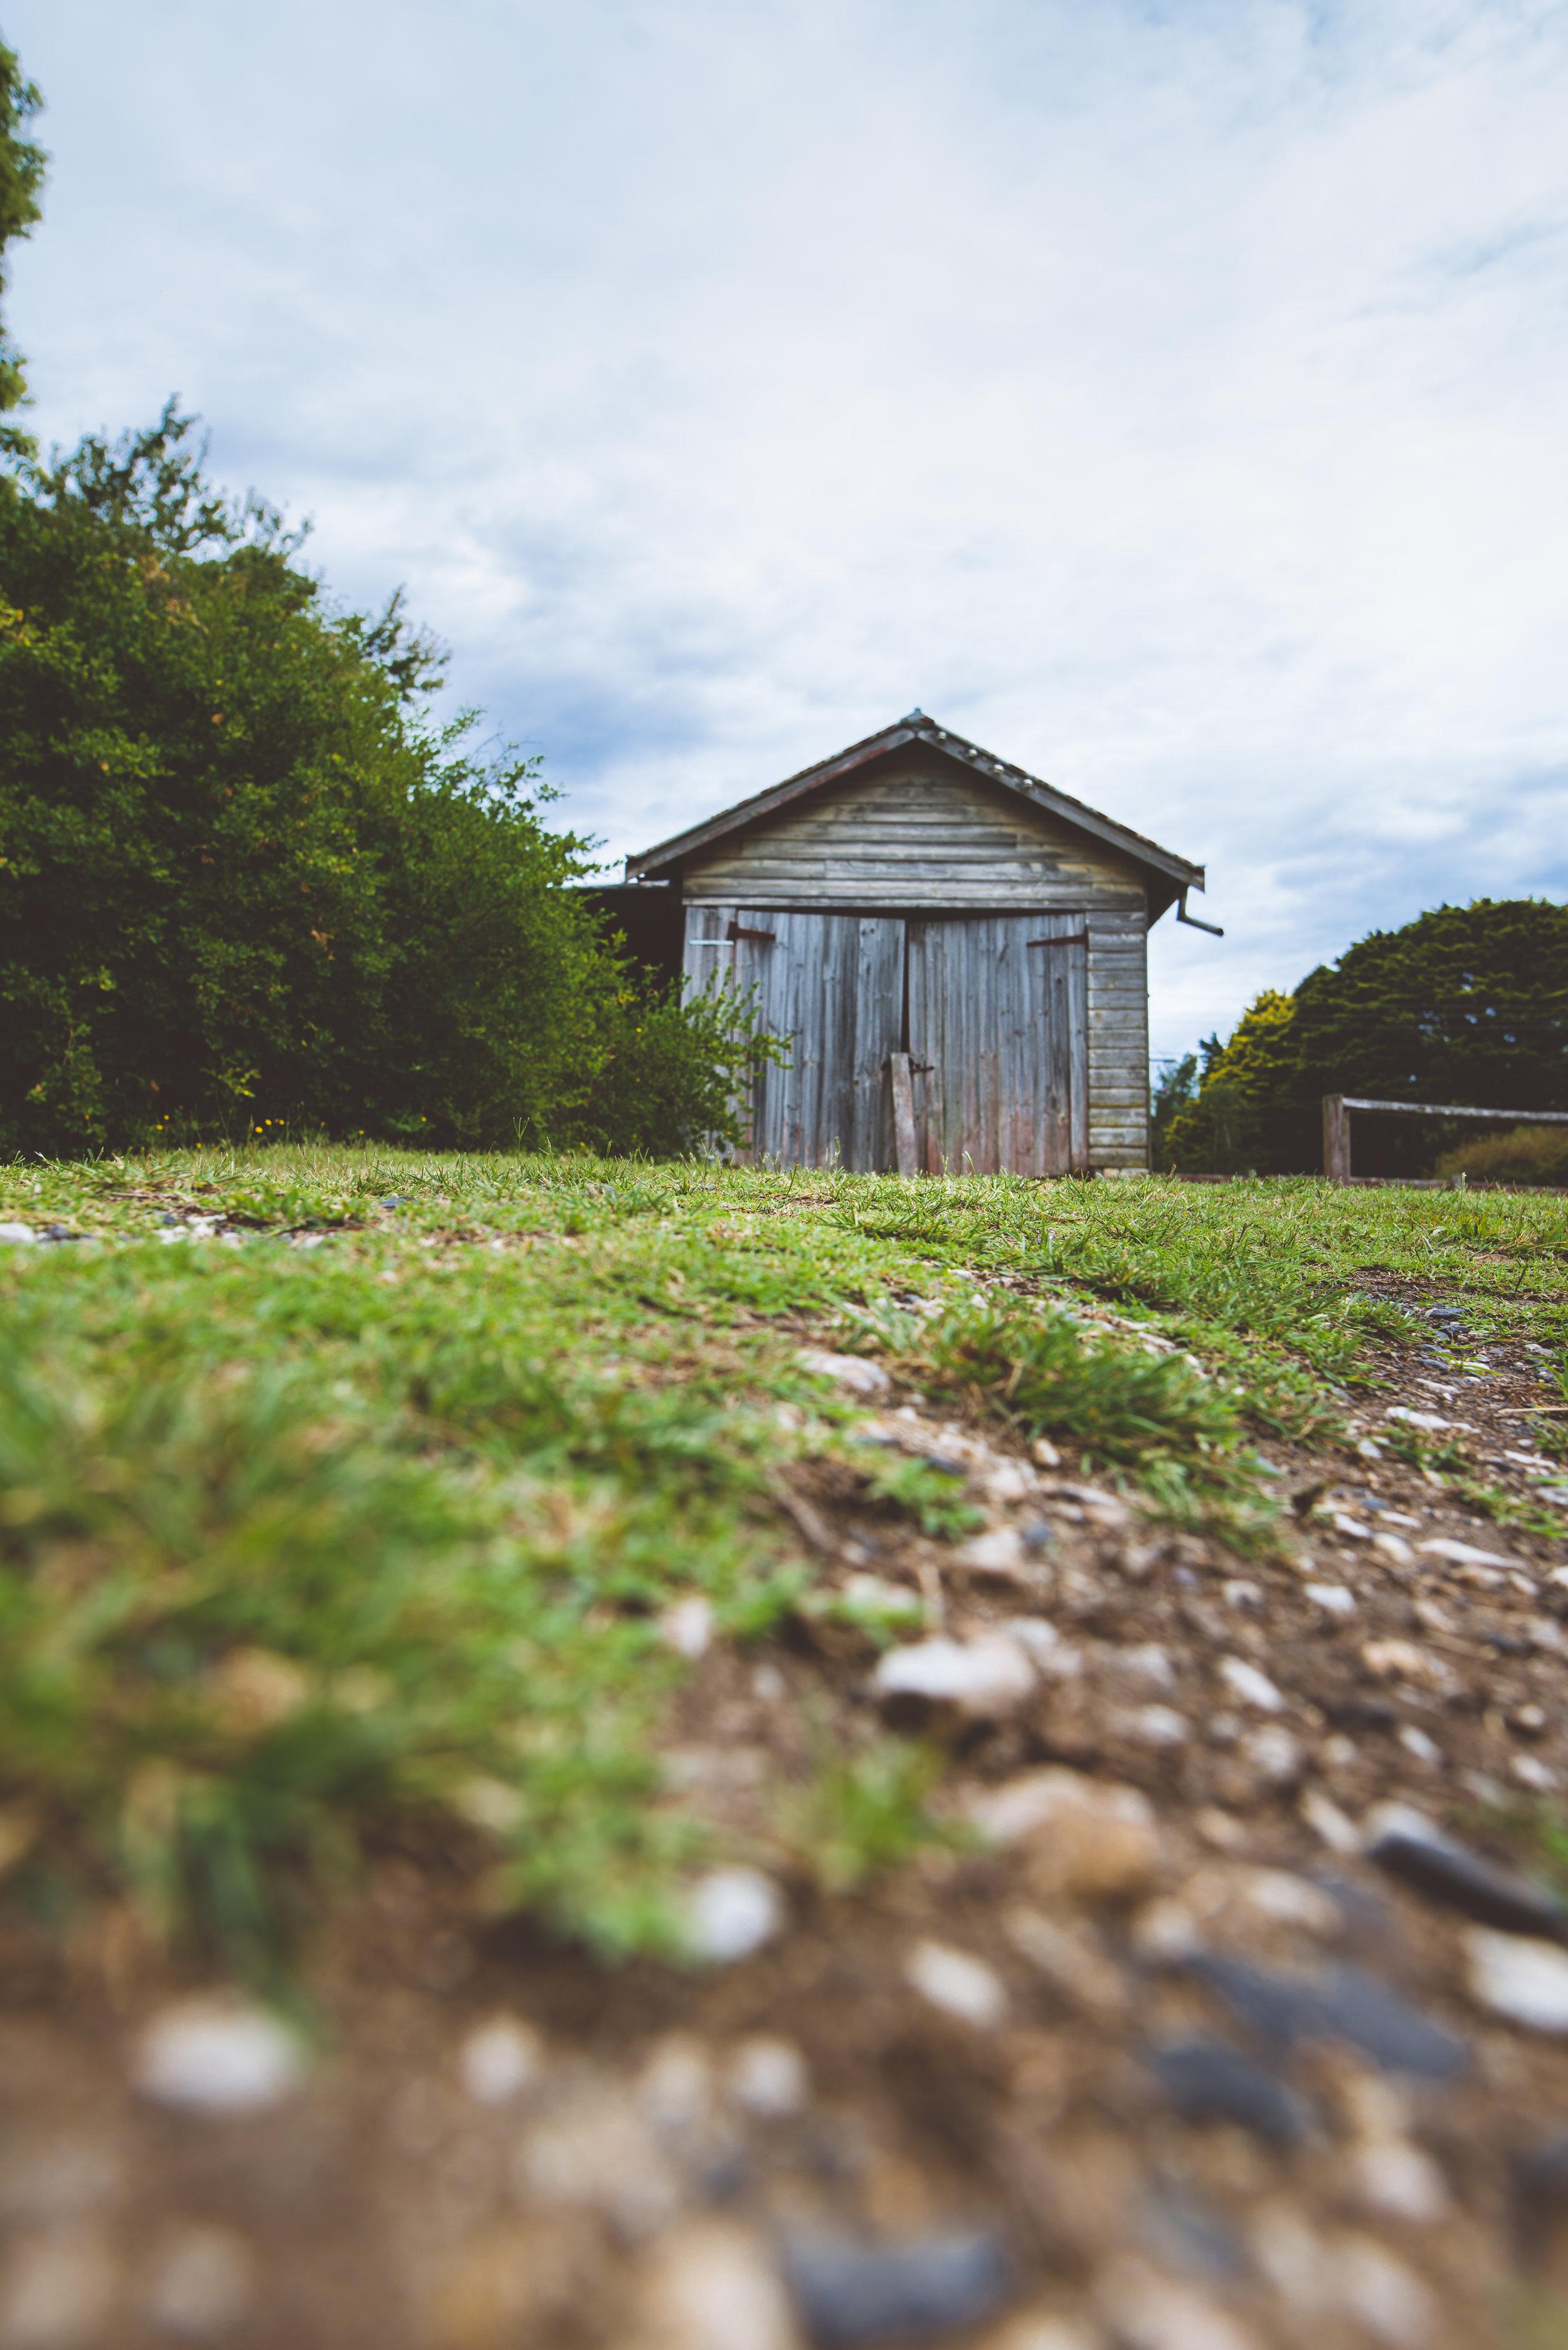 sydney-lifestyle-photographer-barn-on-the-farm